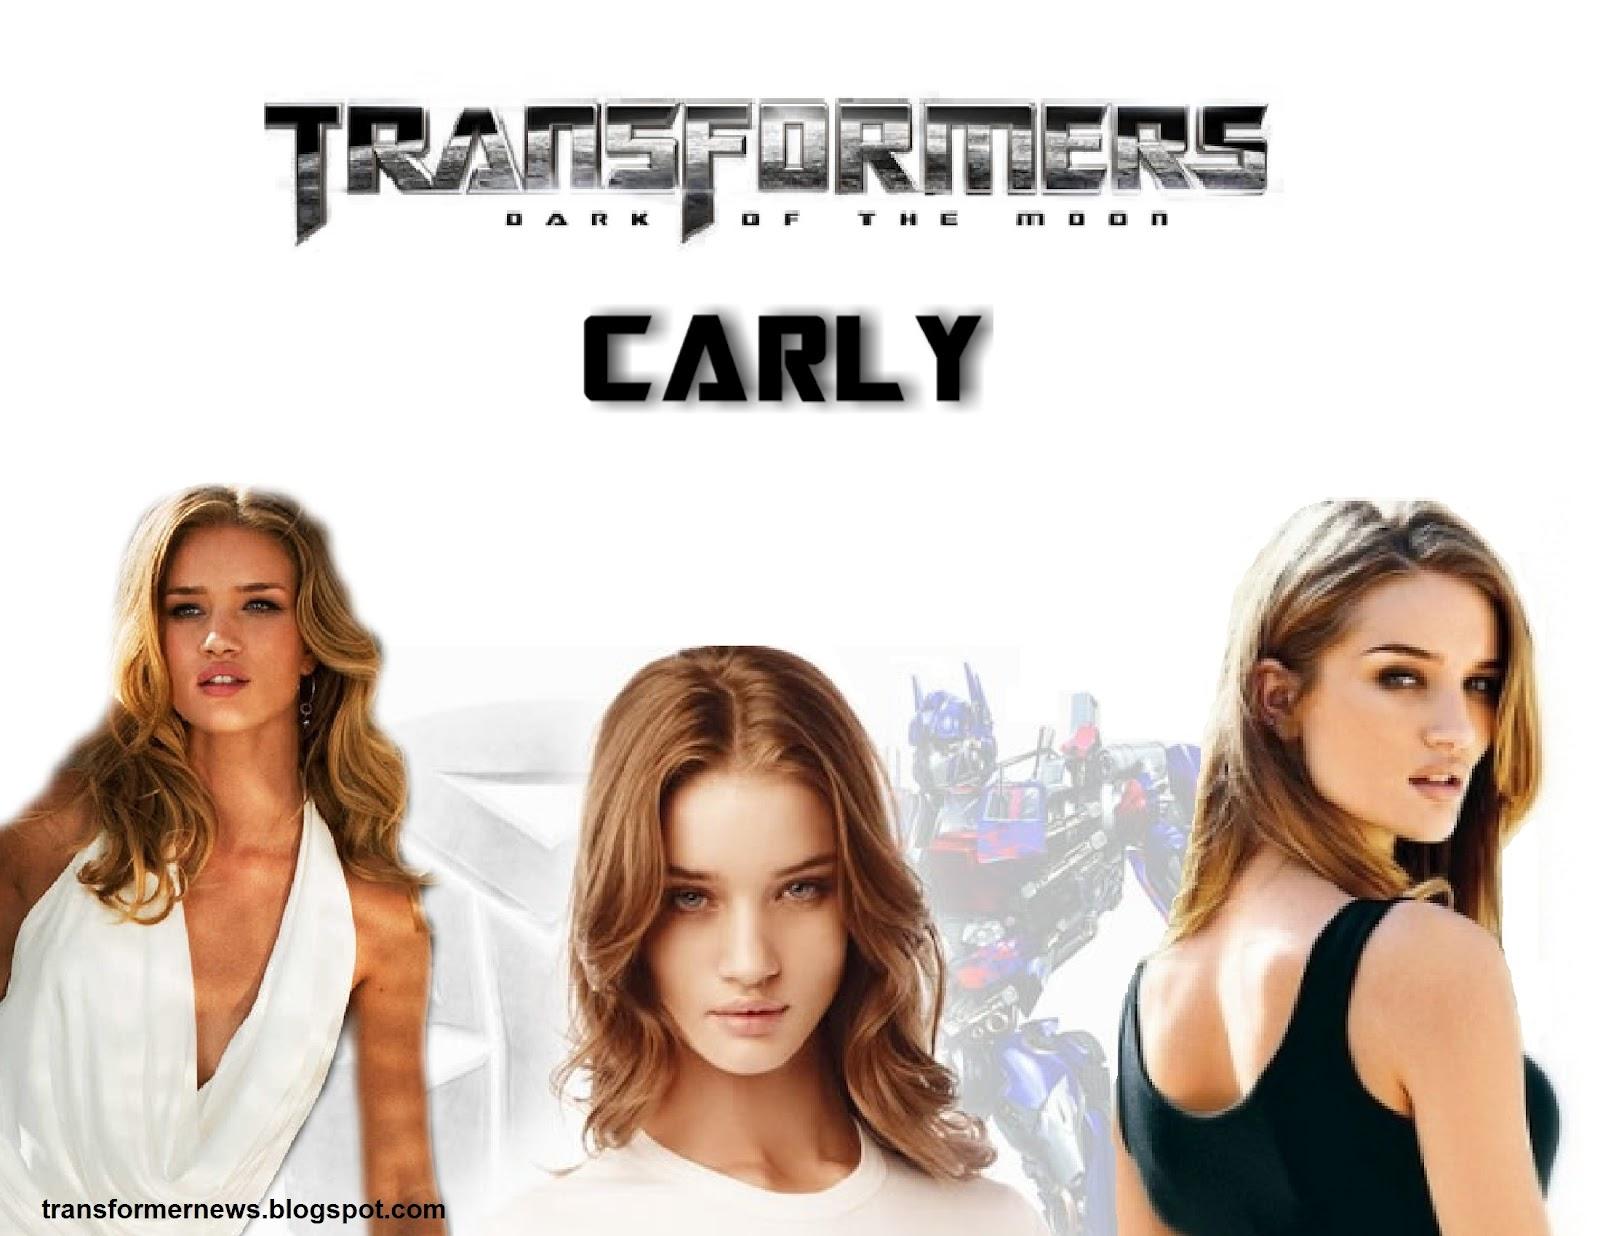 http://1.bp.blogspot.com/-s2MIOtXU7E0/T5rkgKUxiwI/AAAAAAAABAM/QYbkBsdk724/s1600/carly-transformers-wallpaper_.jpg